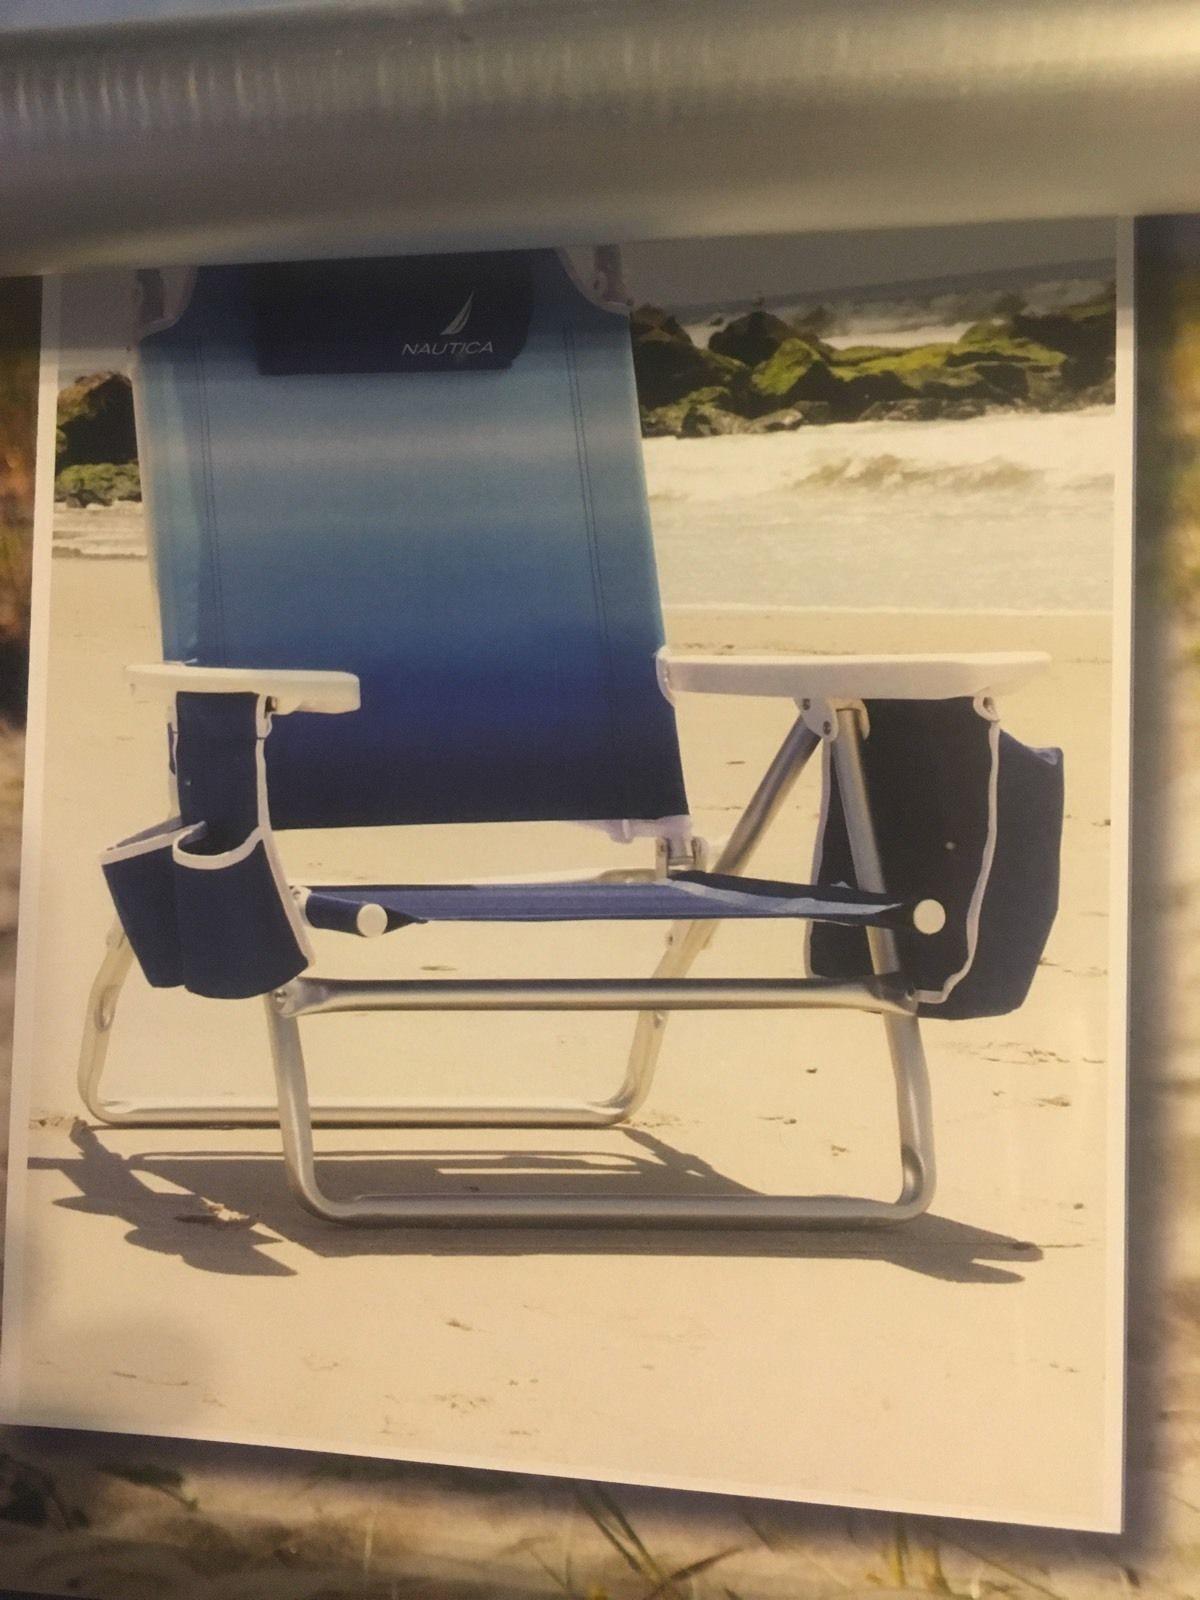 Set Of 4 Nautica Blue Lightweight 5 Position Recline Beach Chair With Cooler